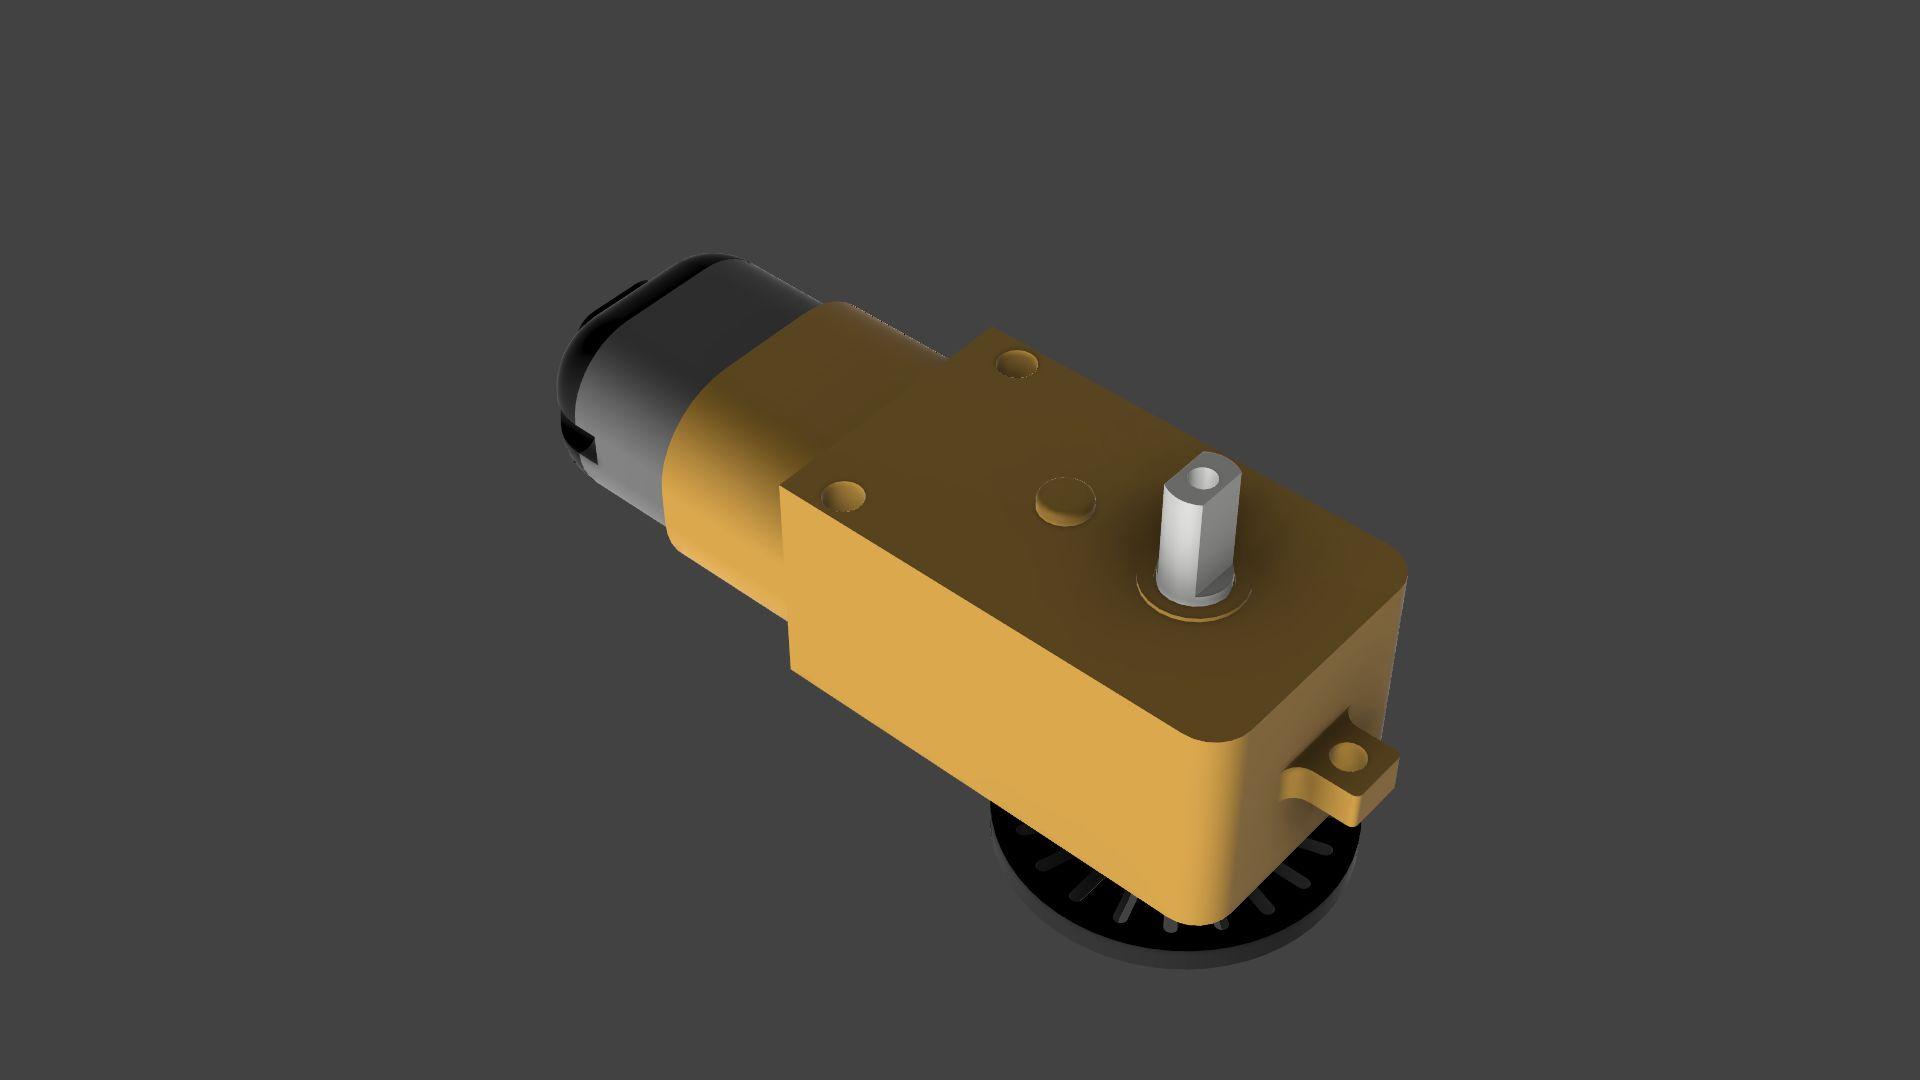 Geared-motor-3-v2-3500-3500